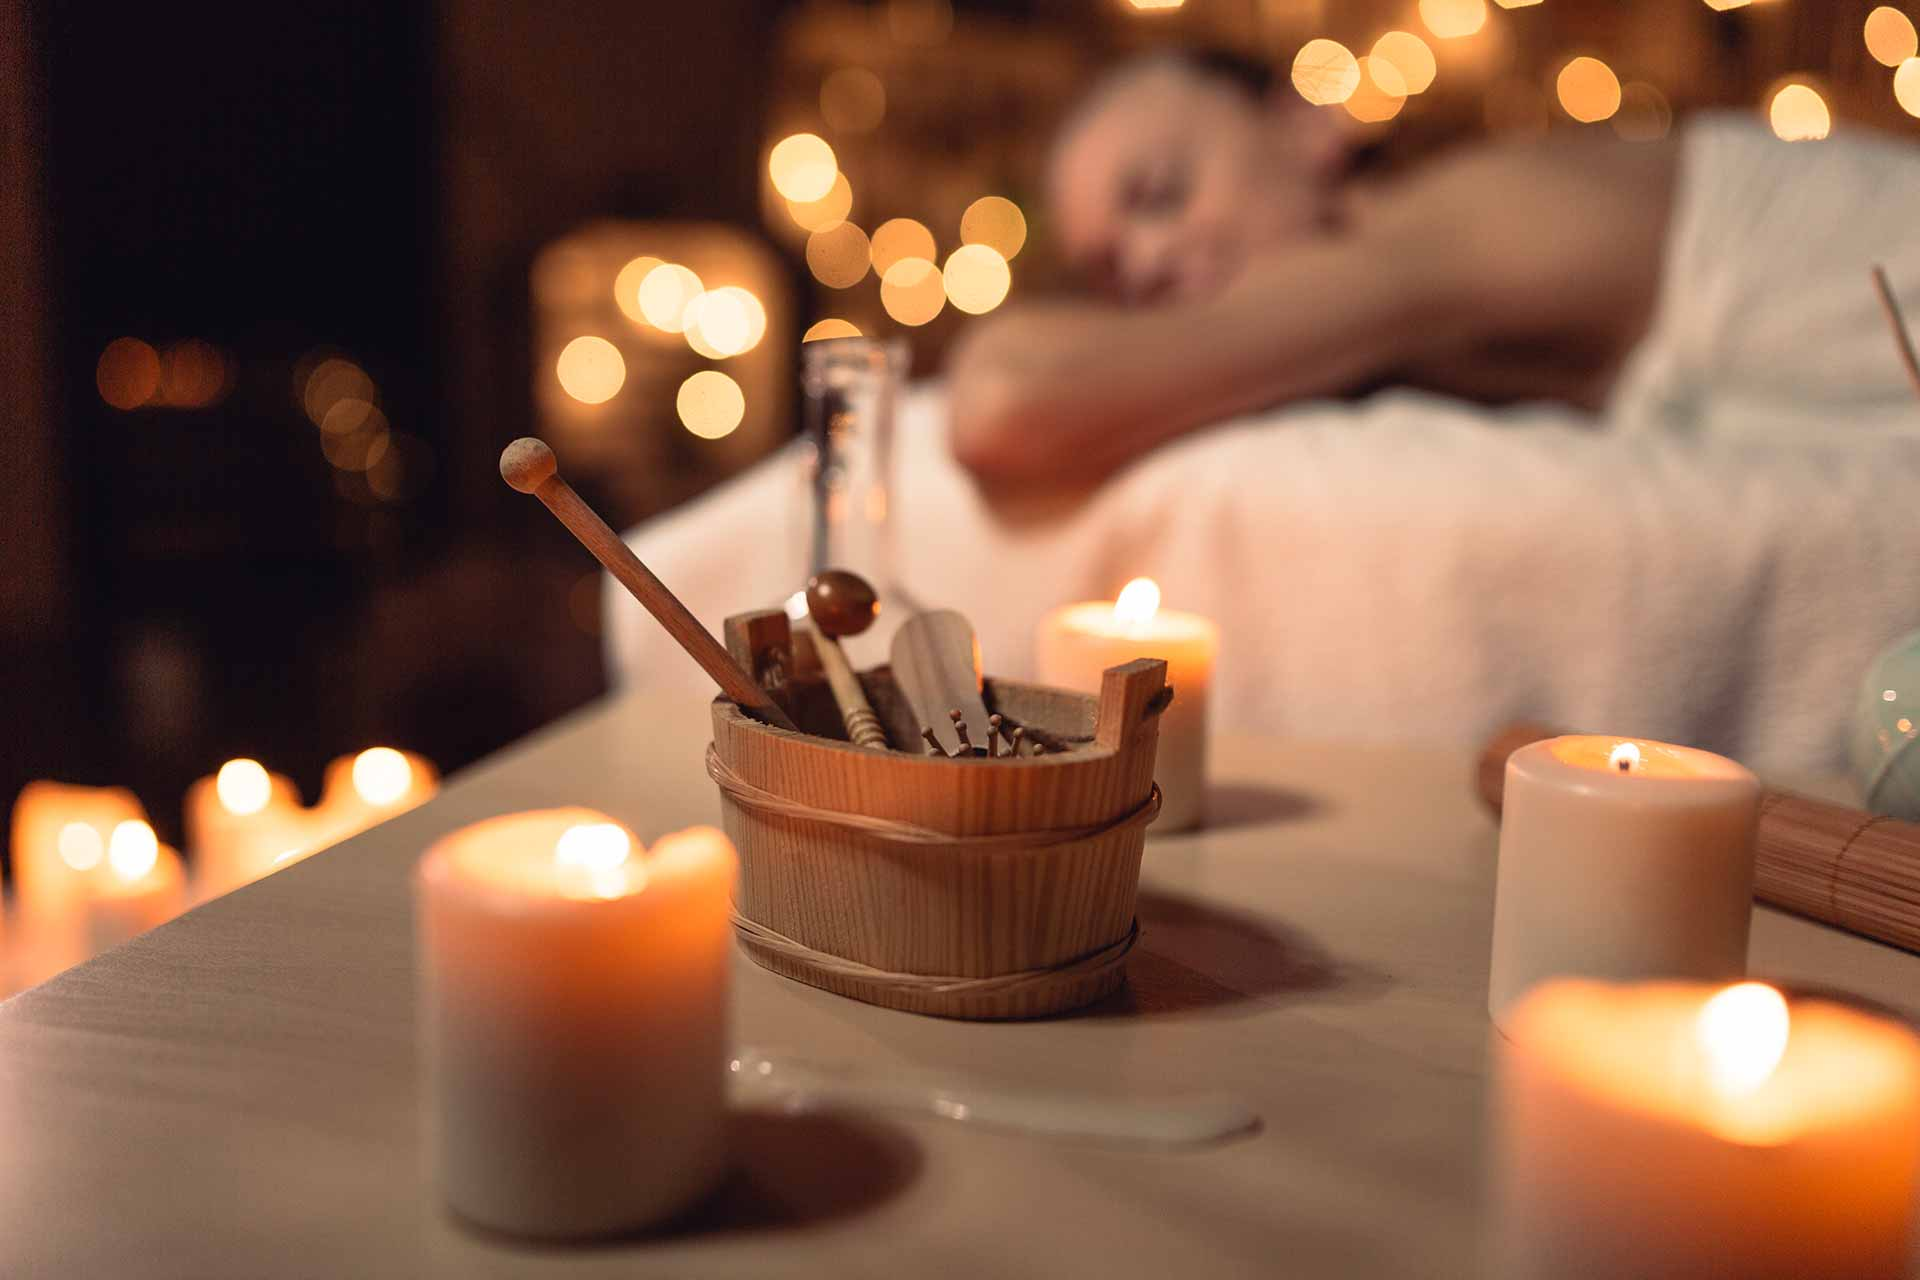 institut beaute auch gers 32 soins esthetiques visage corps epilations manucurie pedicure maquillage rehaussement extensions cils ambiance